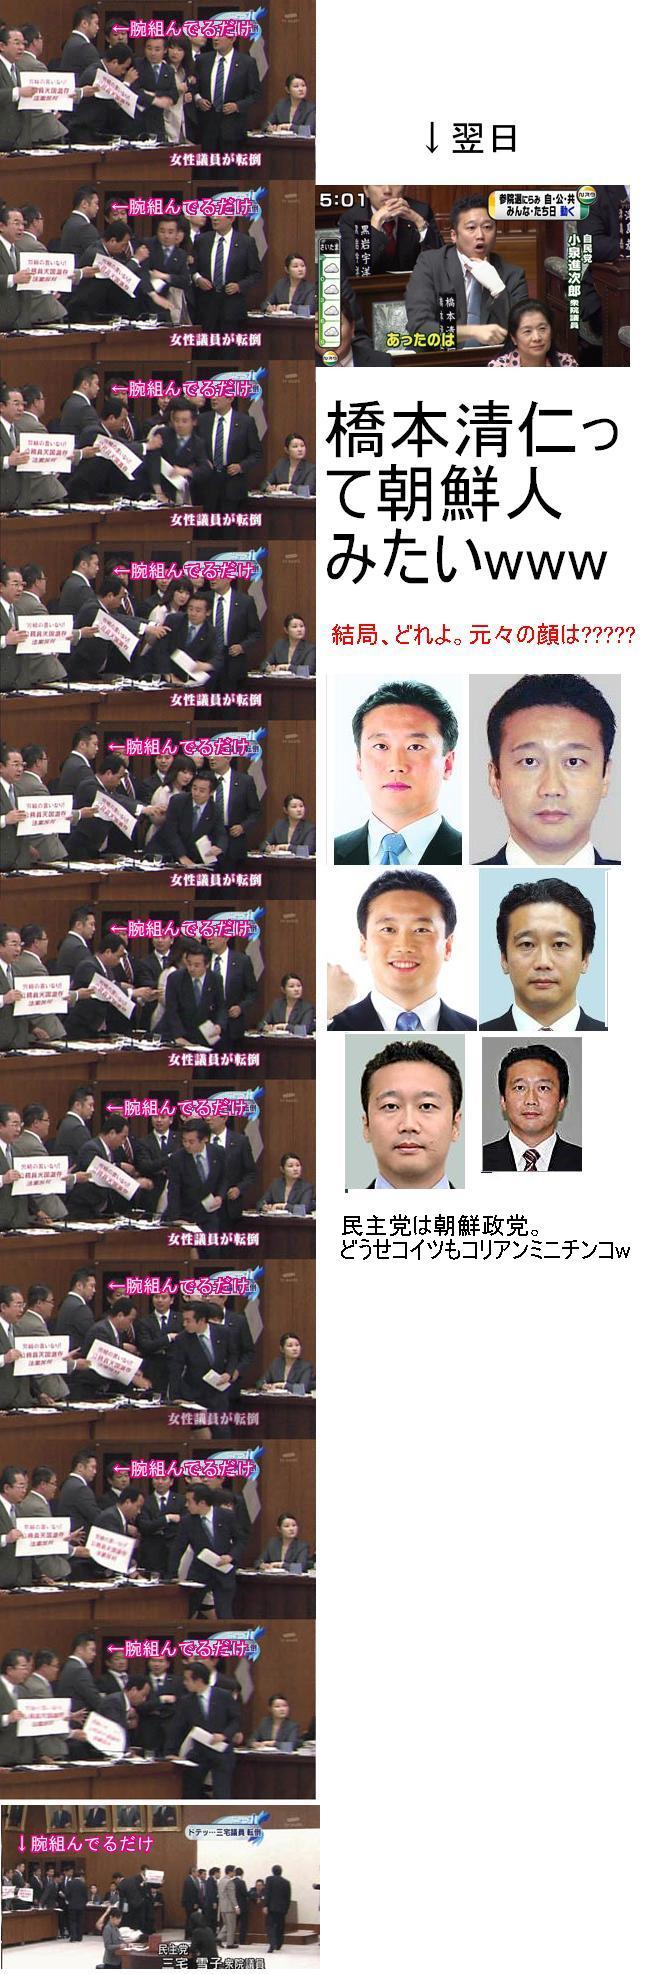 HASHIMOTOKIYOHITO3.jpg